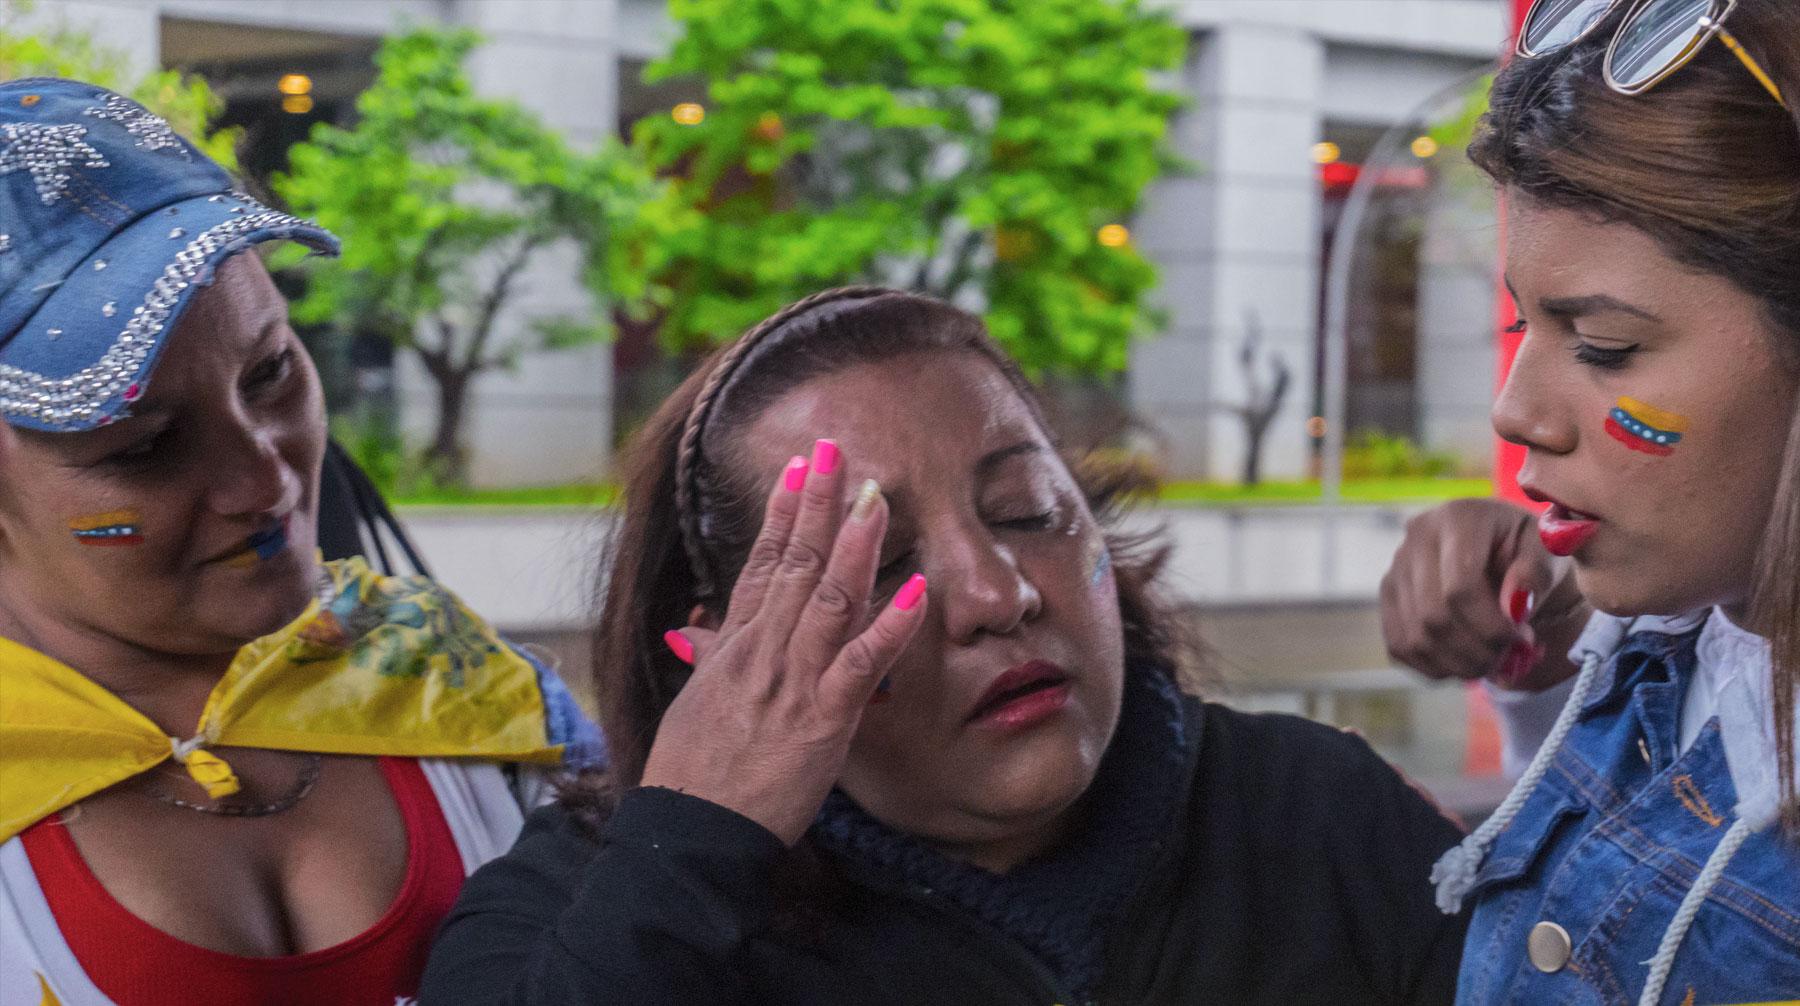 ВКаракасе вовремя карнавала бойцов Нацгвардии закидали камнями